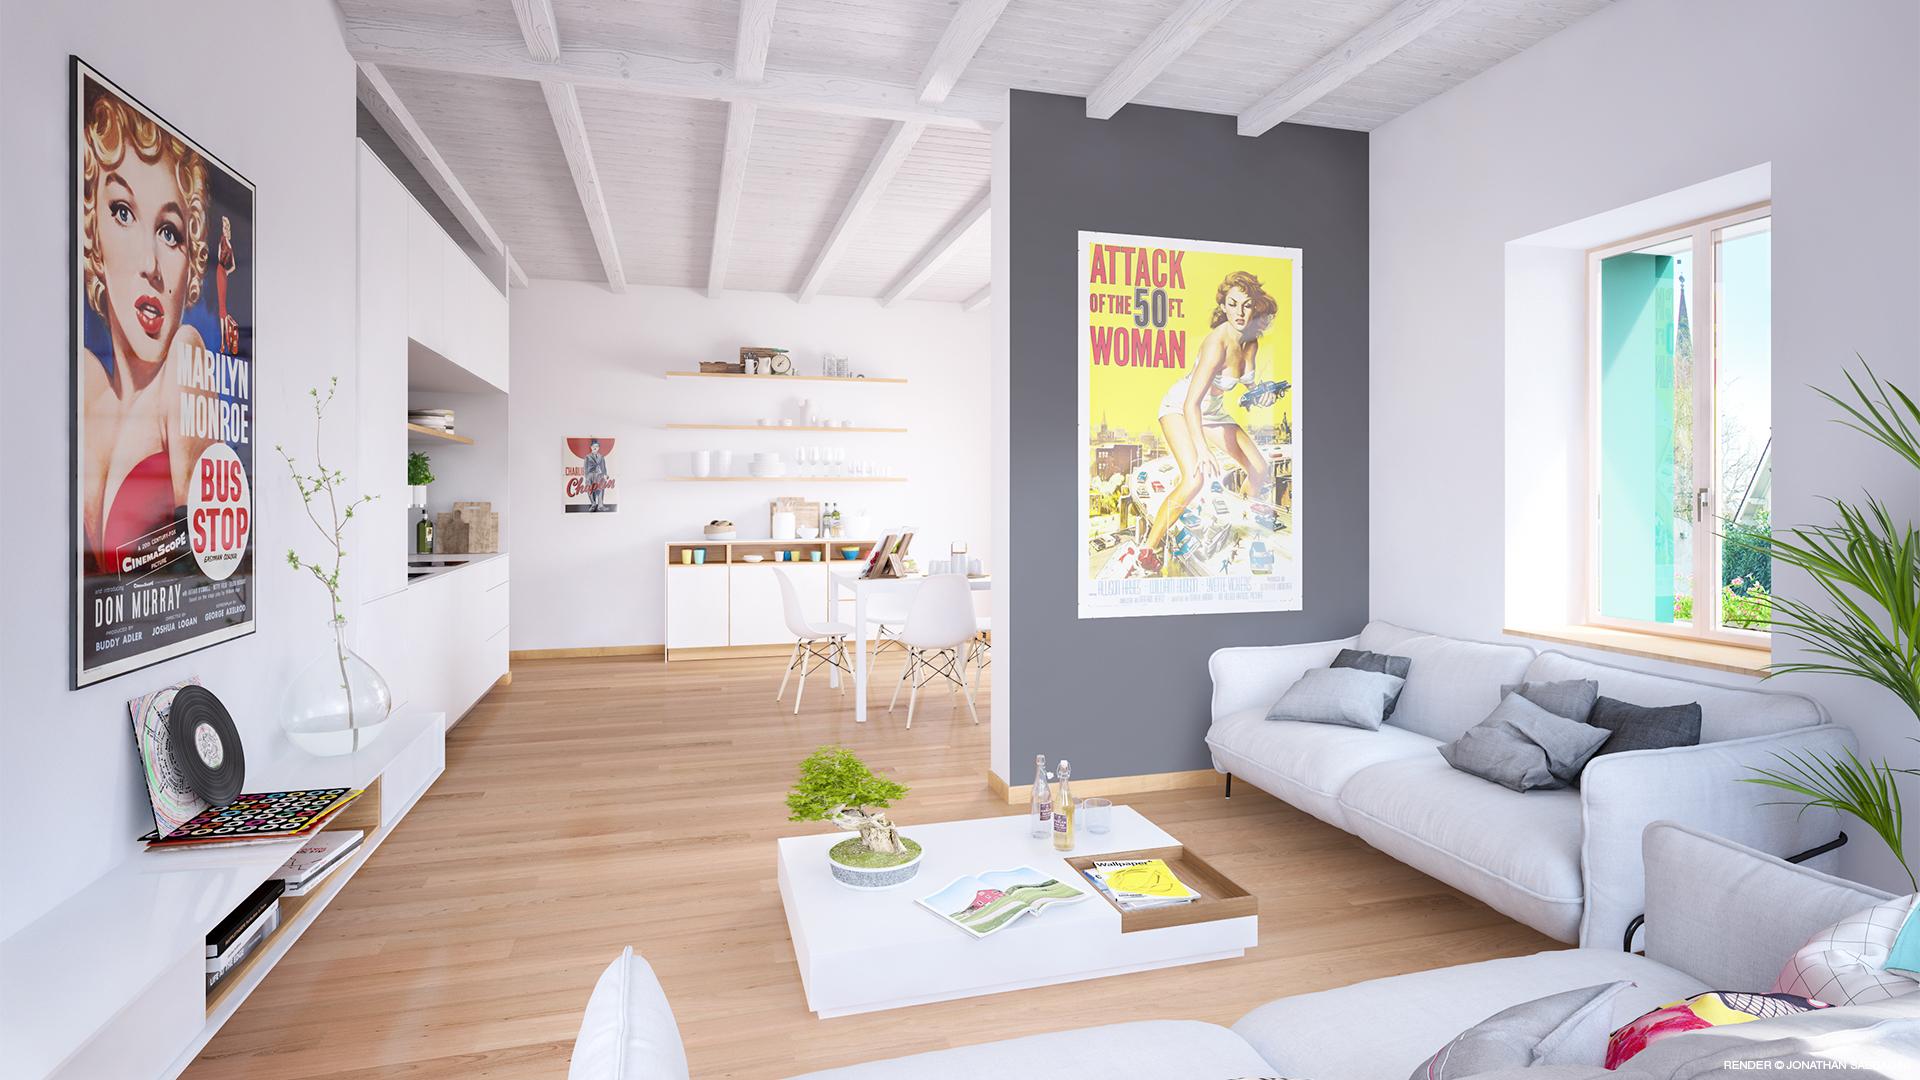 visualizzazione architettonica interno ristrutturazione immobiliare Jussy 3D rendering Jonathan Sabbadini